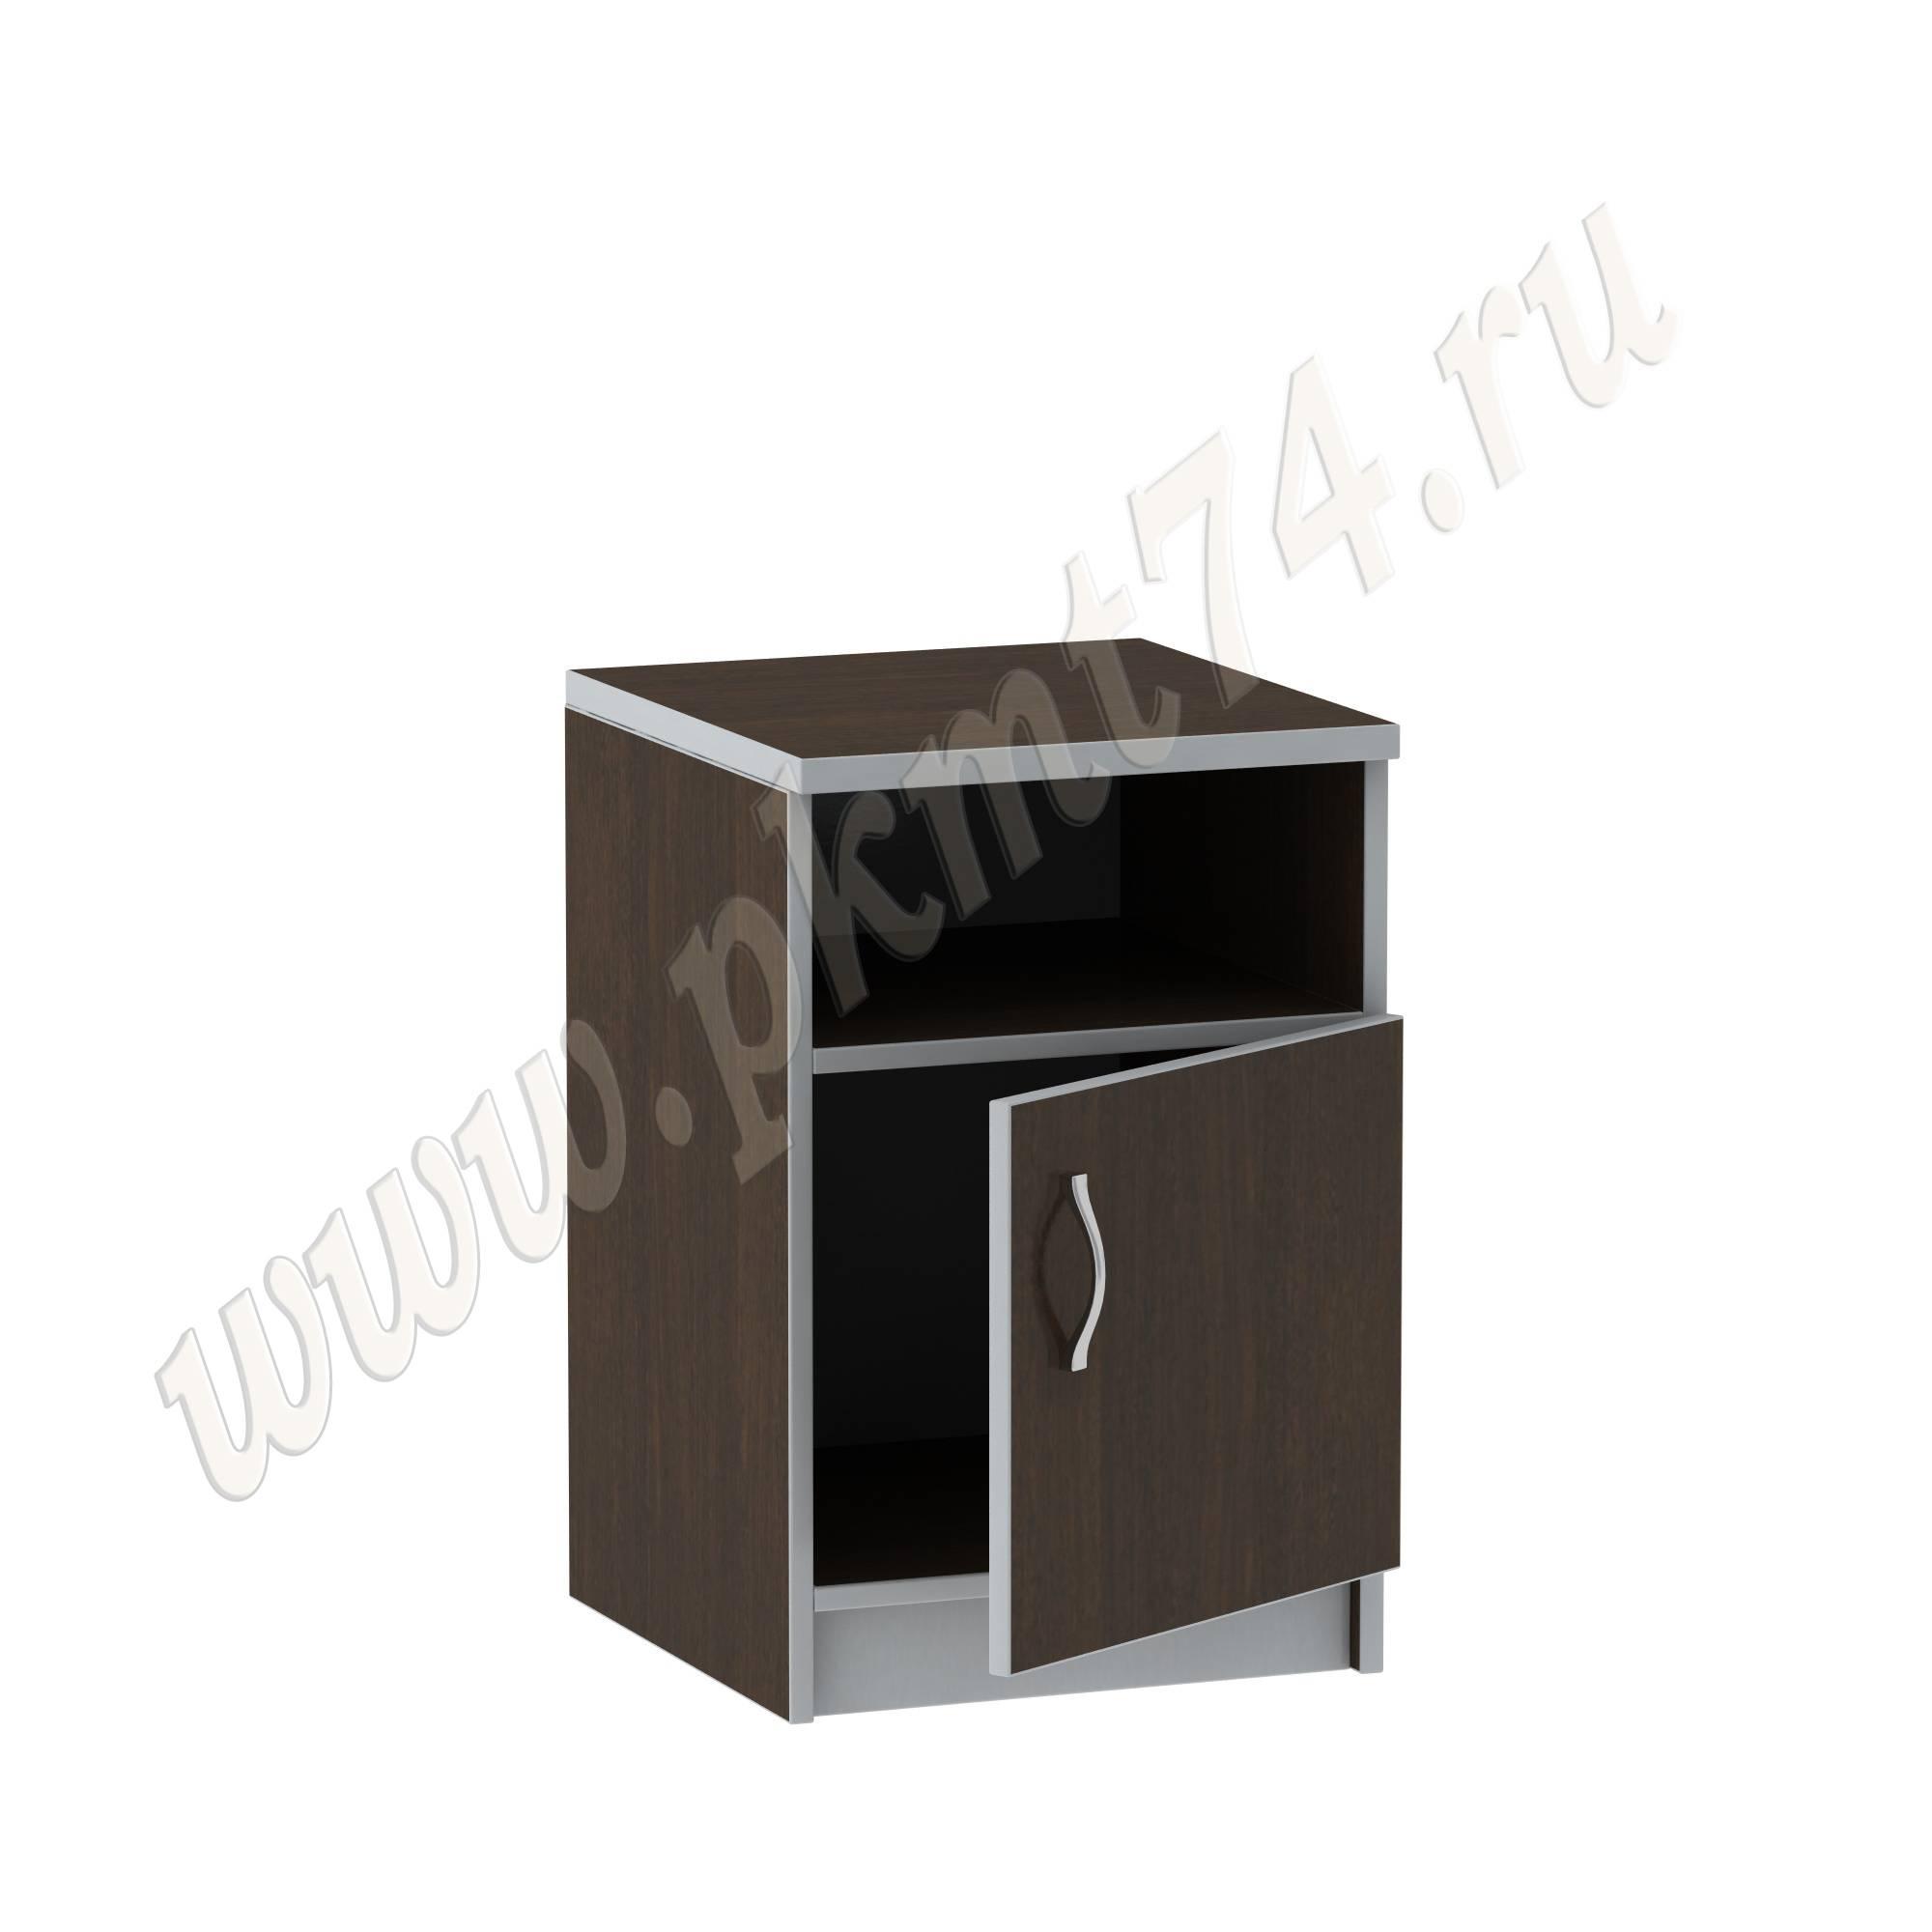 Тумба с нишей и дверкой для офиса [Стандартный цвет:: Орех; Цвета ЛДСП на выбор:: Венге-Алюминий]